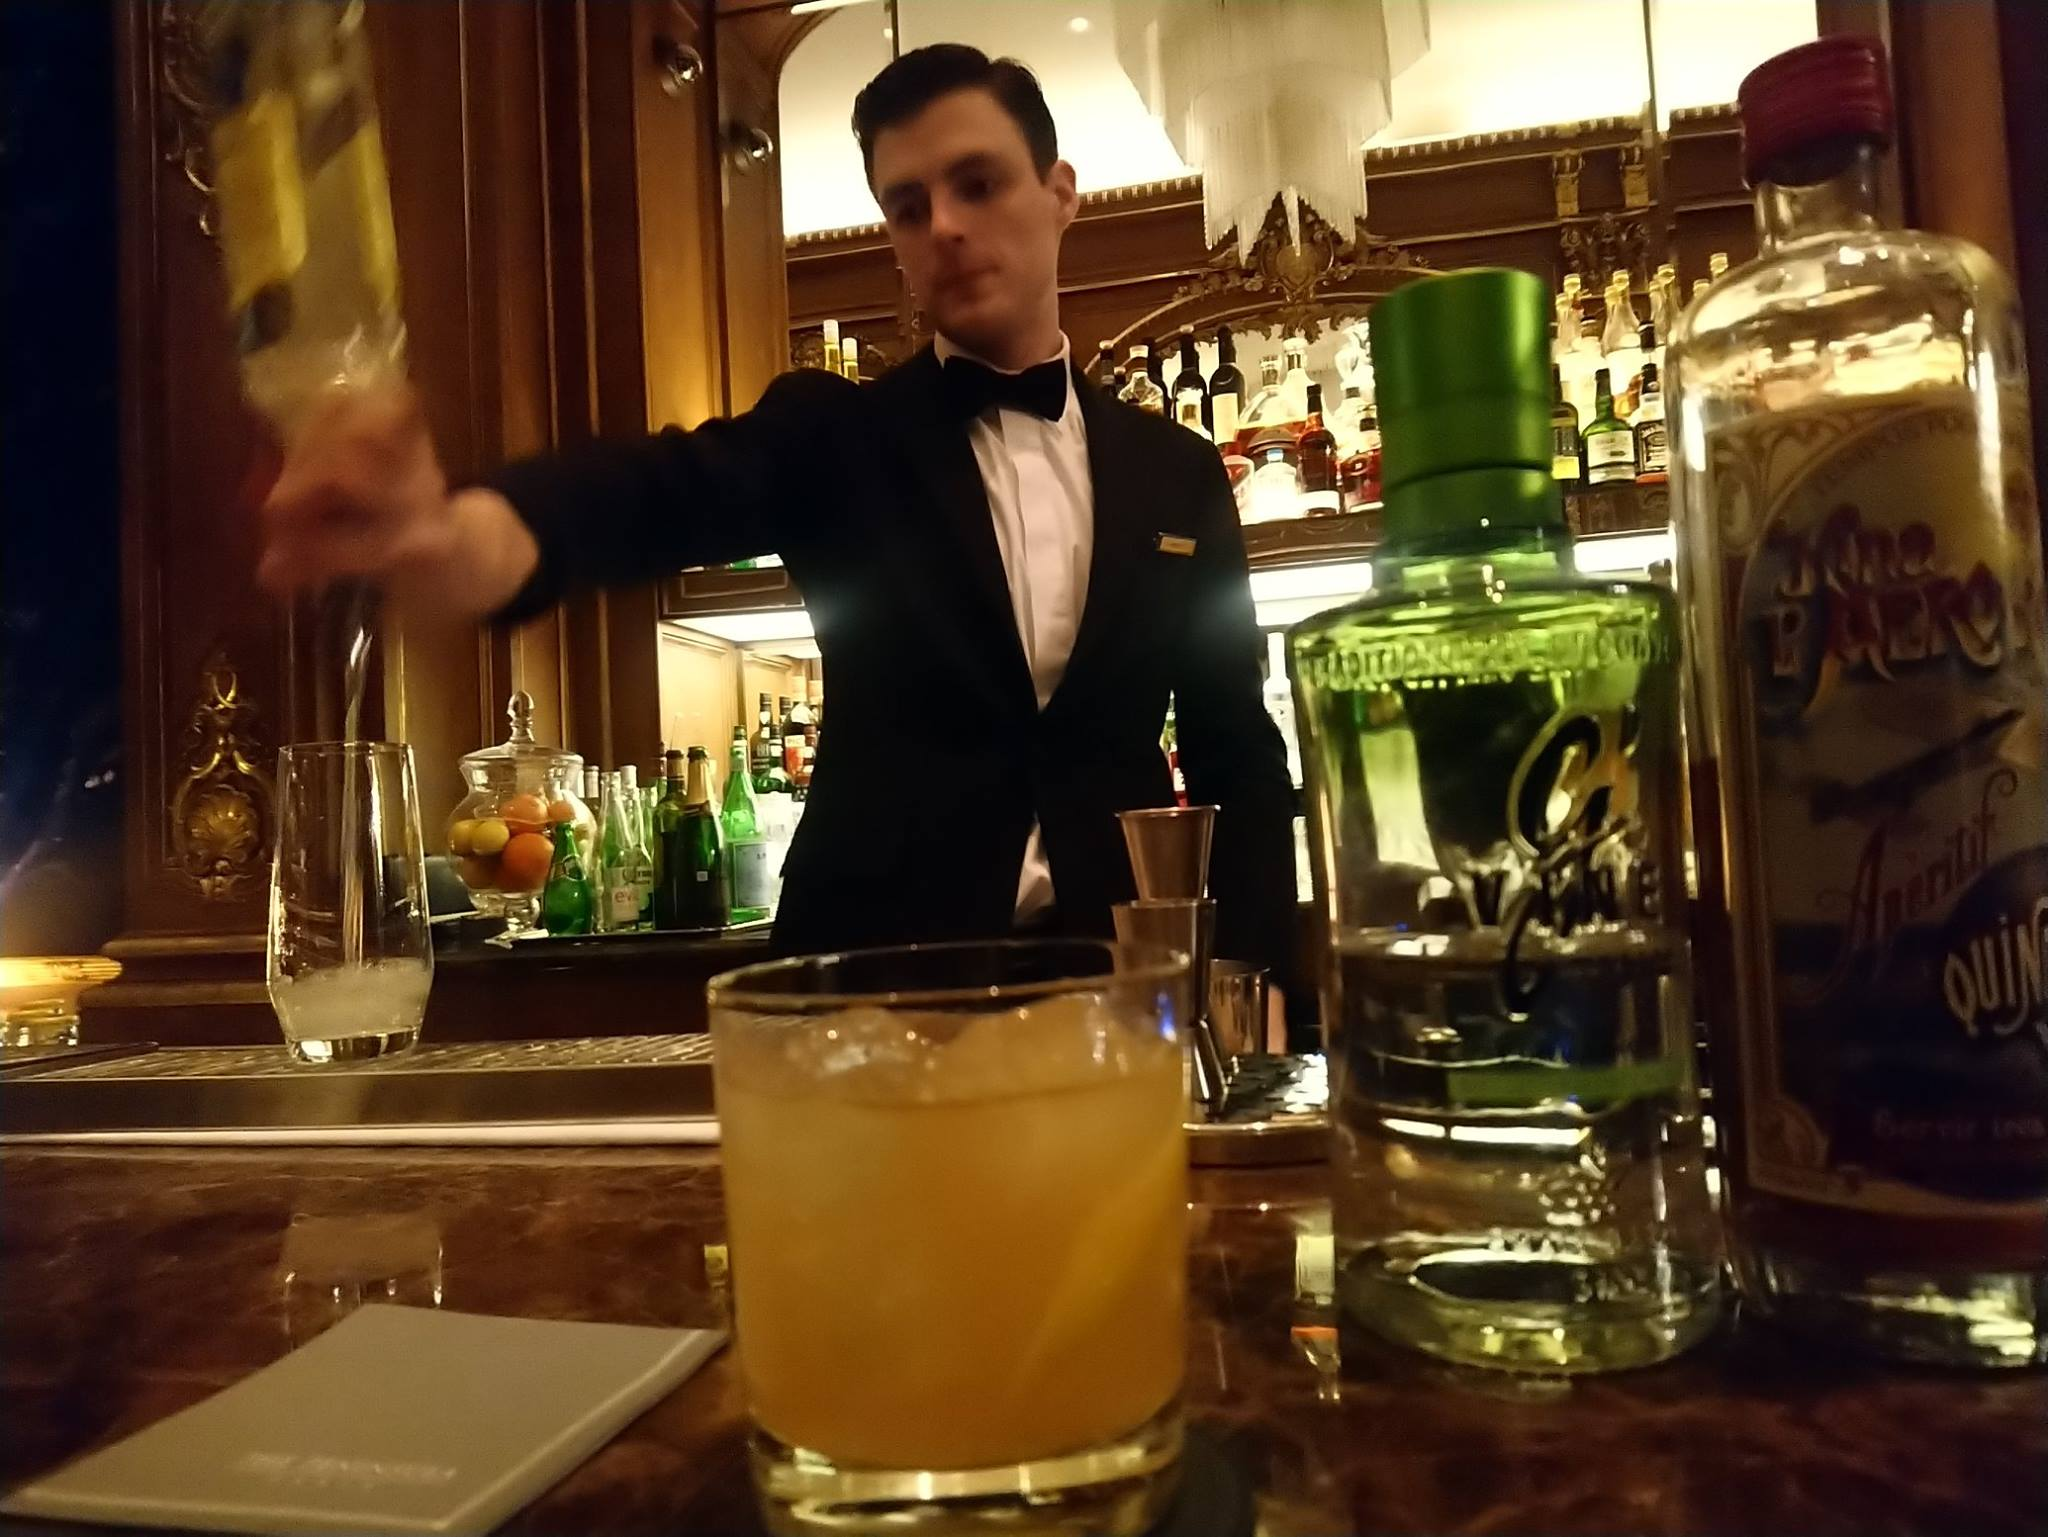 """Benoît Domas, alias """"Le dandy"""", prépare le Flower Power : gin G'Vine Floraison, Kina l'Avion d'or, sirop de jasmin maison, sirop de pamplemousse"""